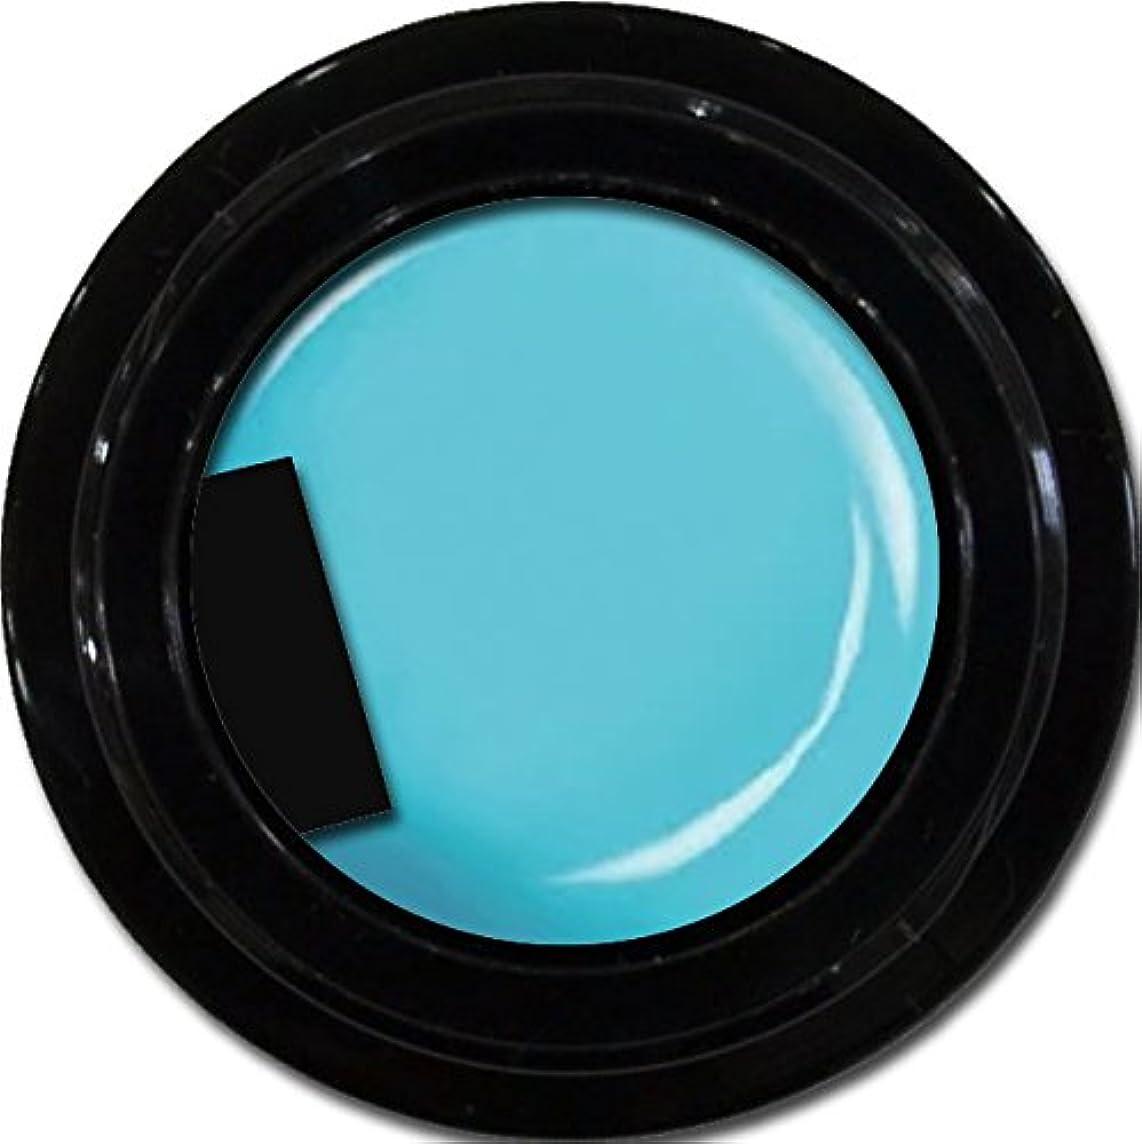 カラージェル enchant color gel M706 Turquoise 3g/ マットカラージェル M706 ターコイズ 3グラム